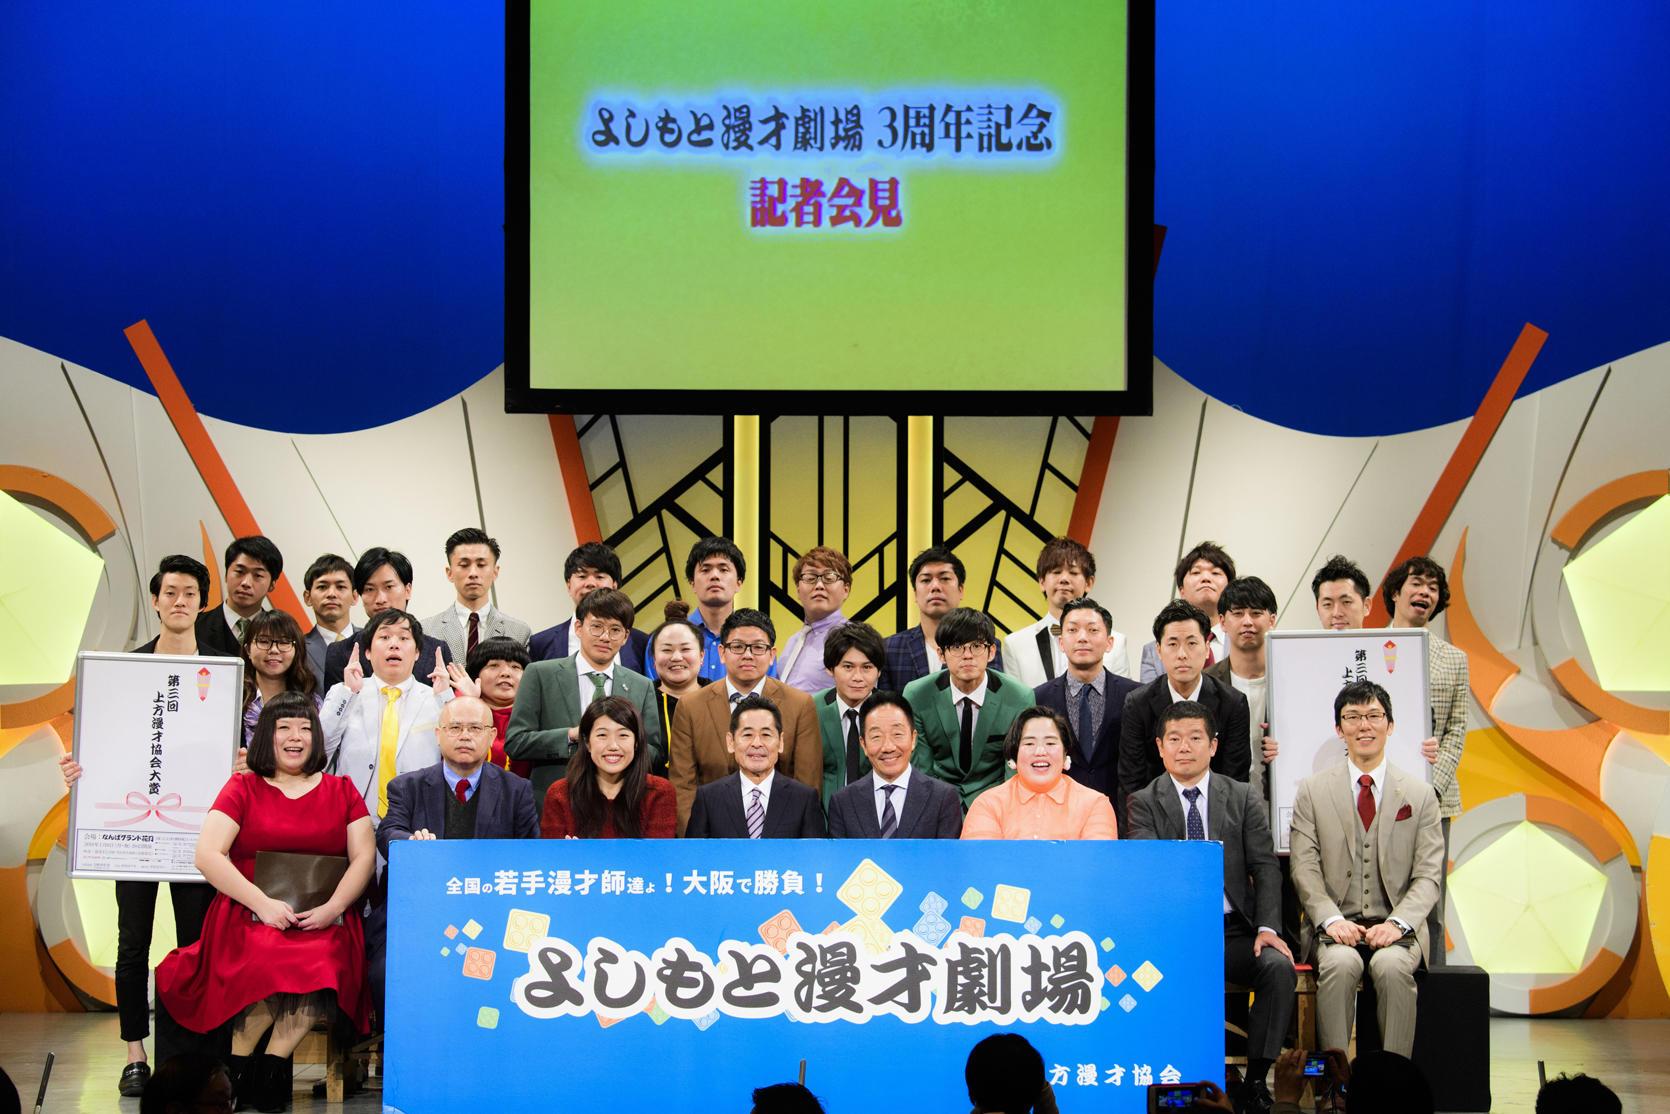 http://news.yoshimoto.co.jp/20171201185538-59908c555d15eb589edebc08d7b7bb1ade8645f3.jpg